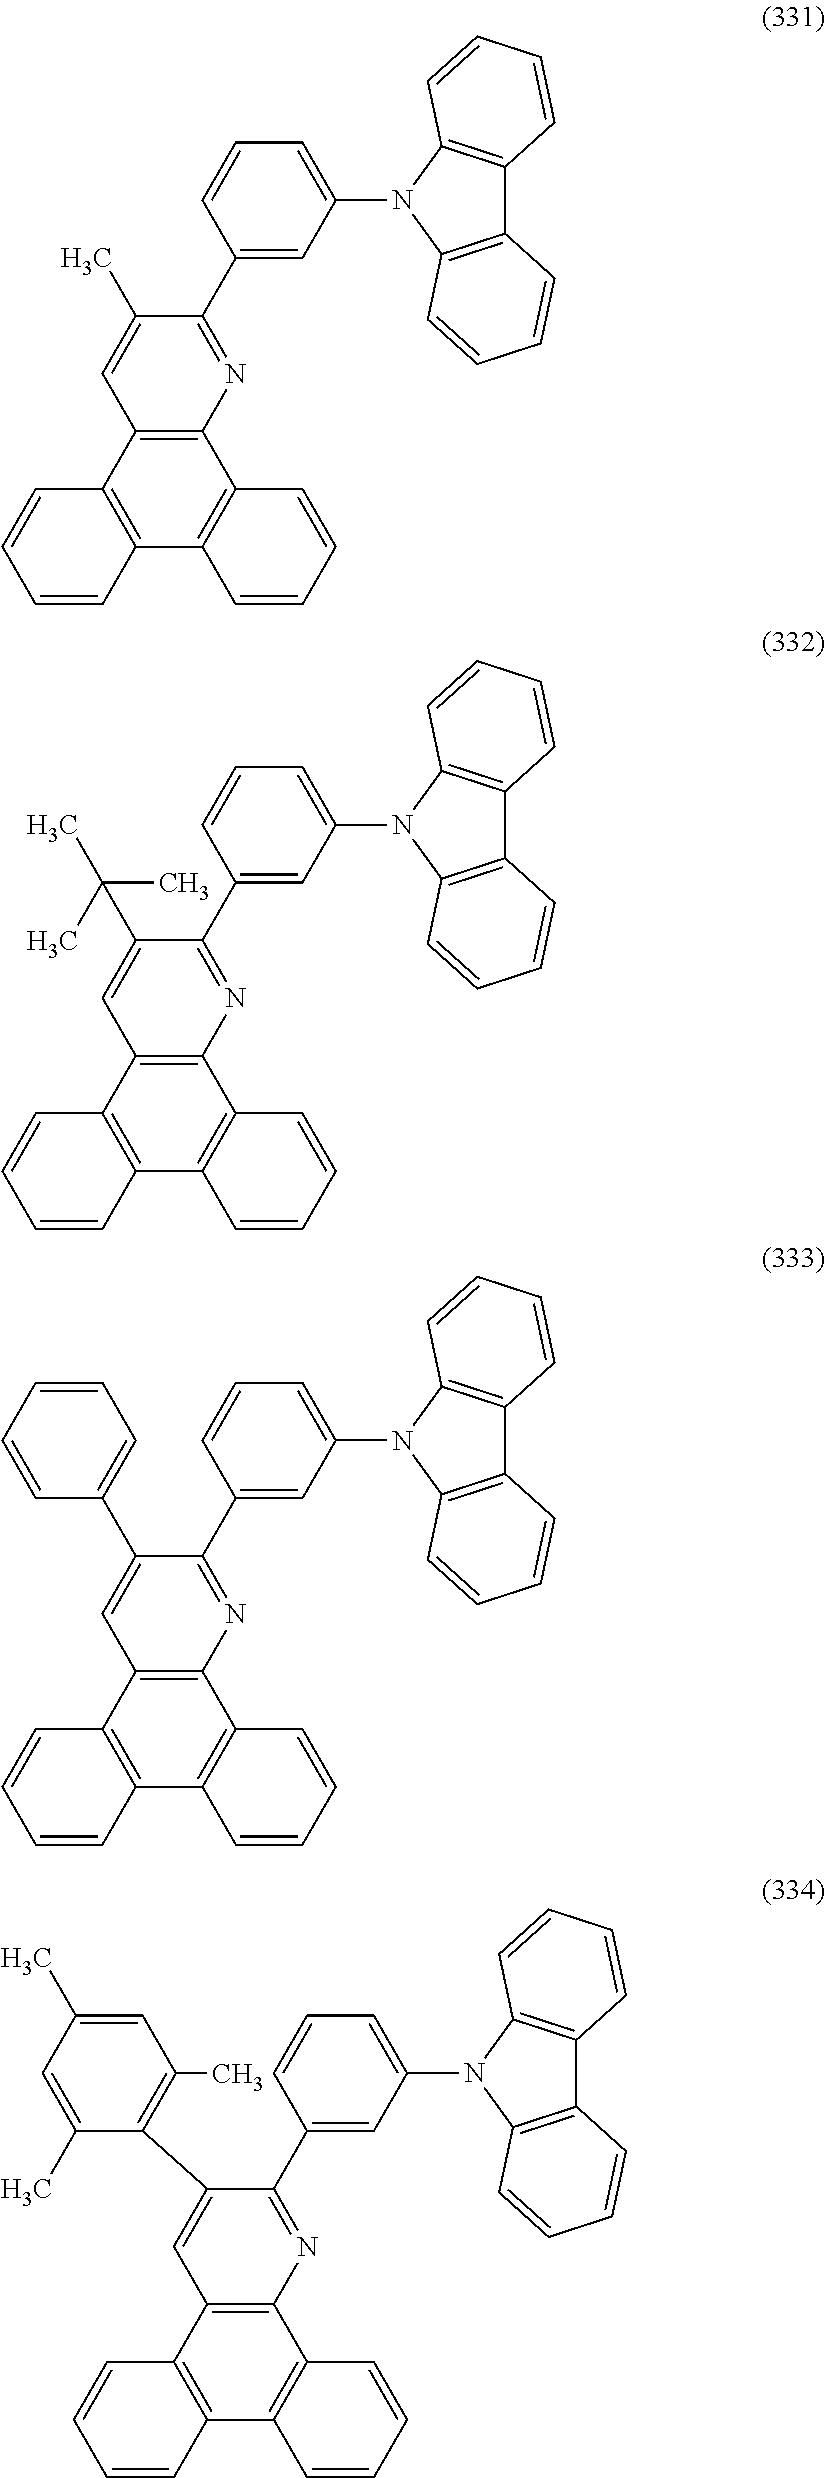 Figure US09843000-20171212-C00060